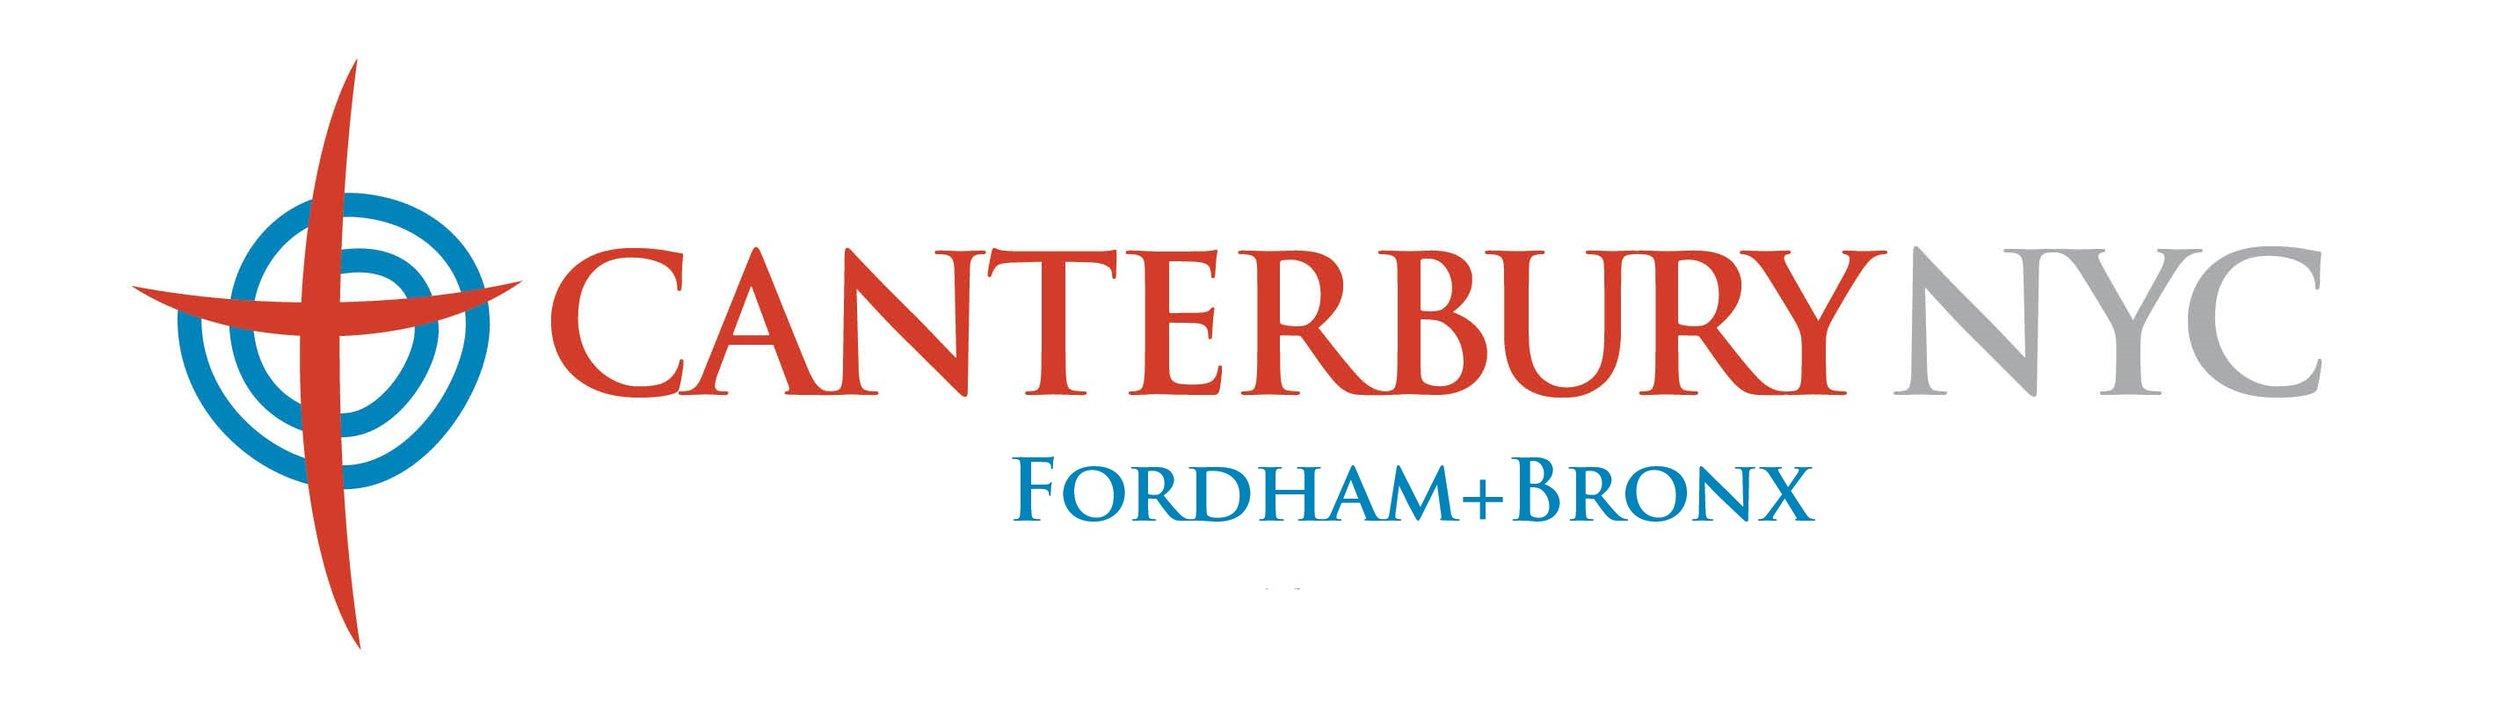 Canterbury-NYC-Fordham-Bronx.jpg